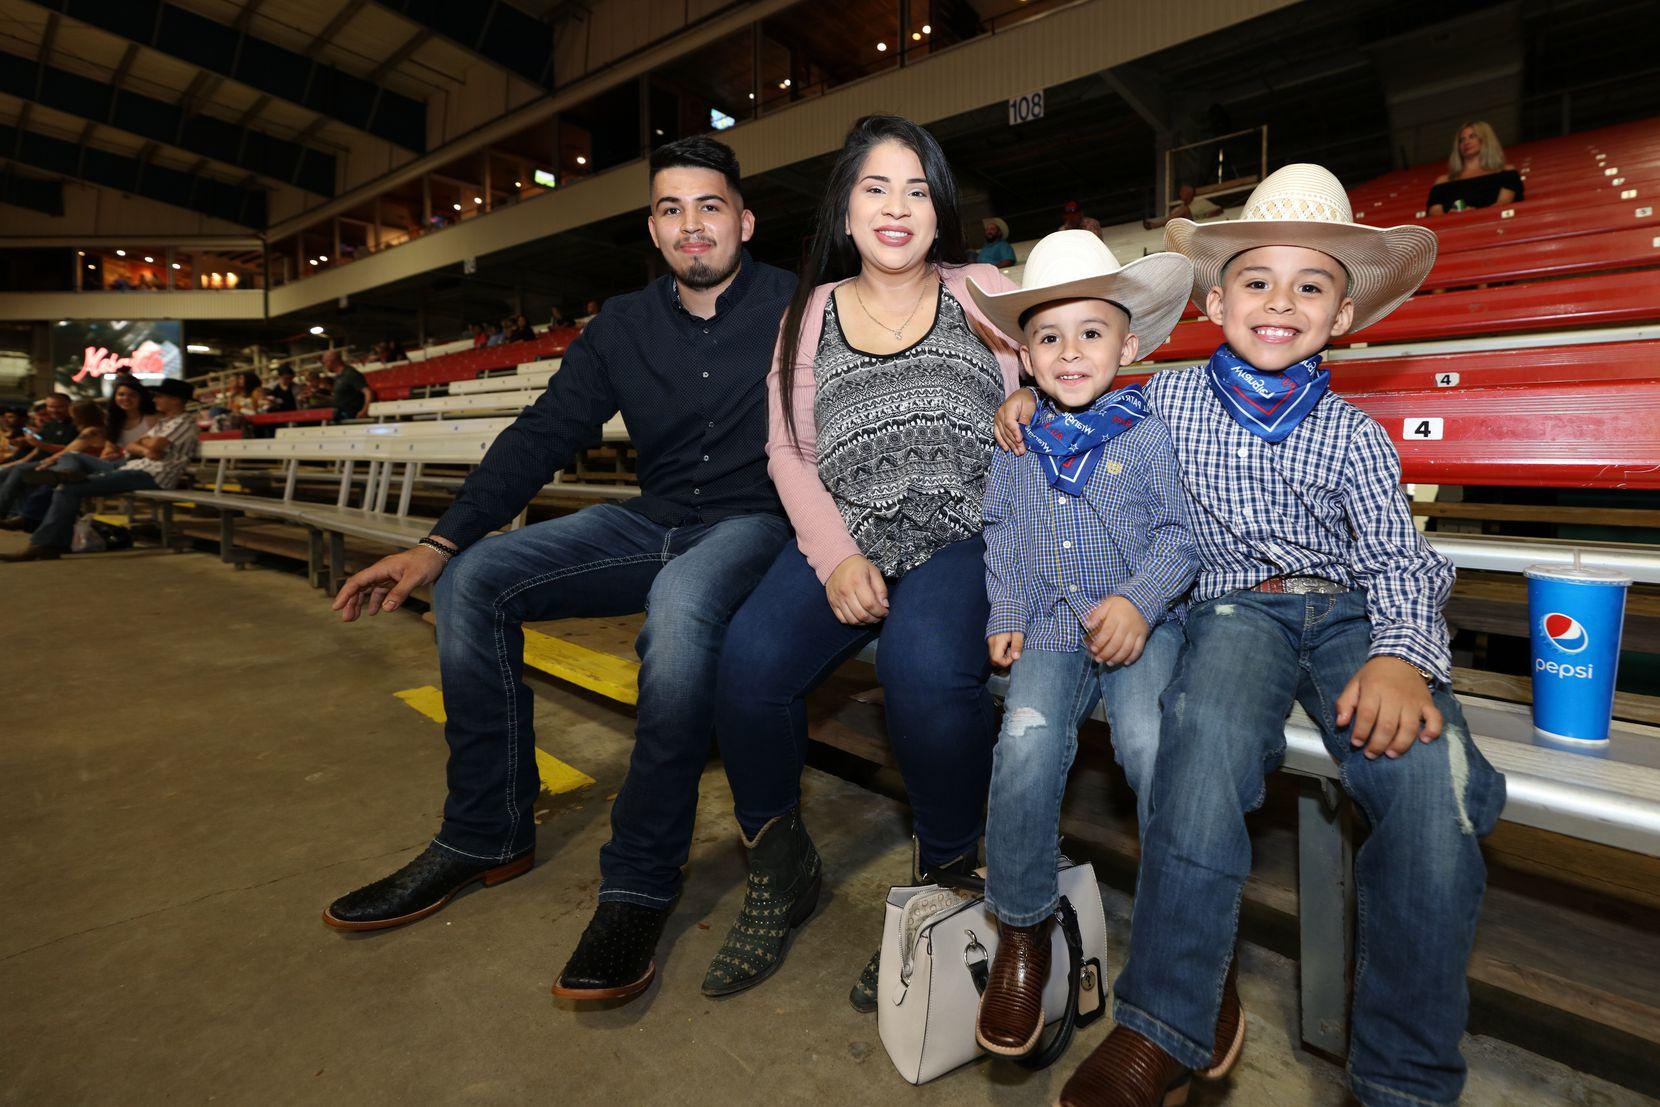 Víctor Cisneros y María Flores, junto a su familia, disfrutan del regreso al Rodeo de Mesquite, que abrió el sábado con capacidad limitada.